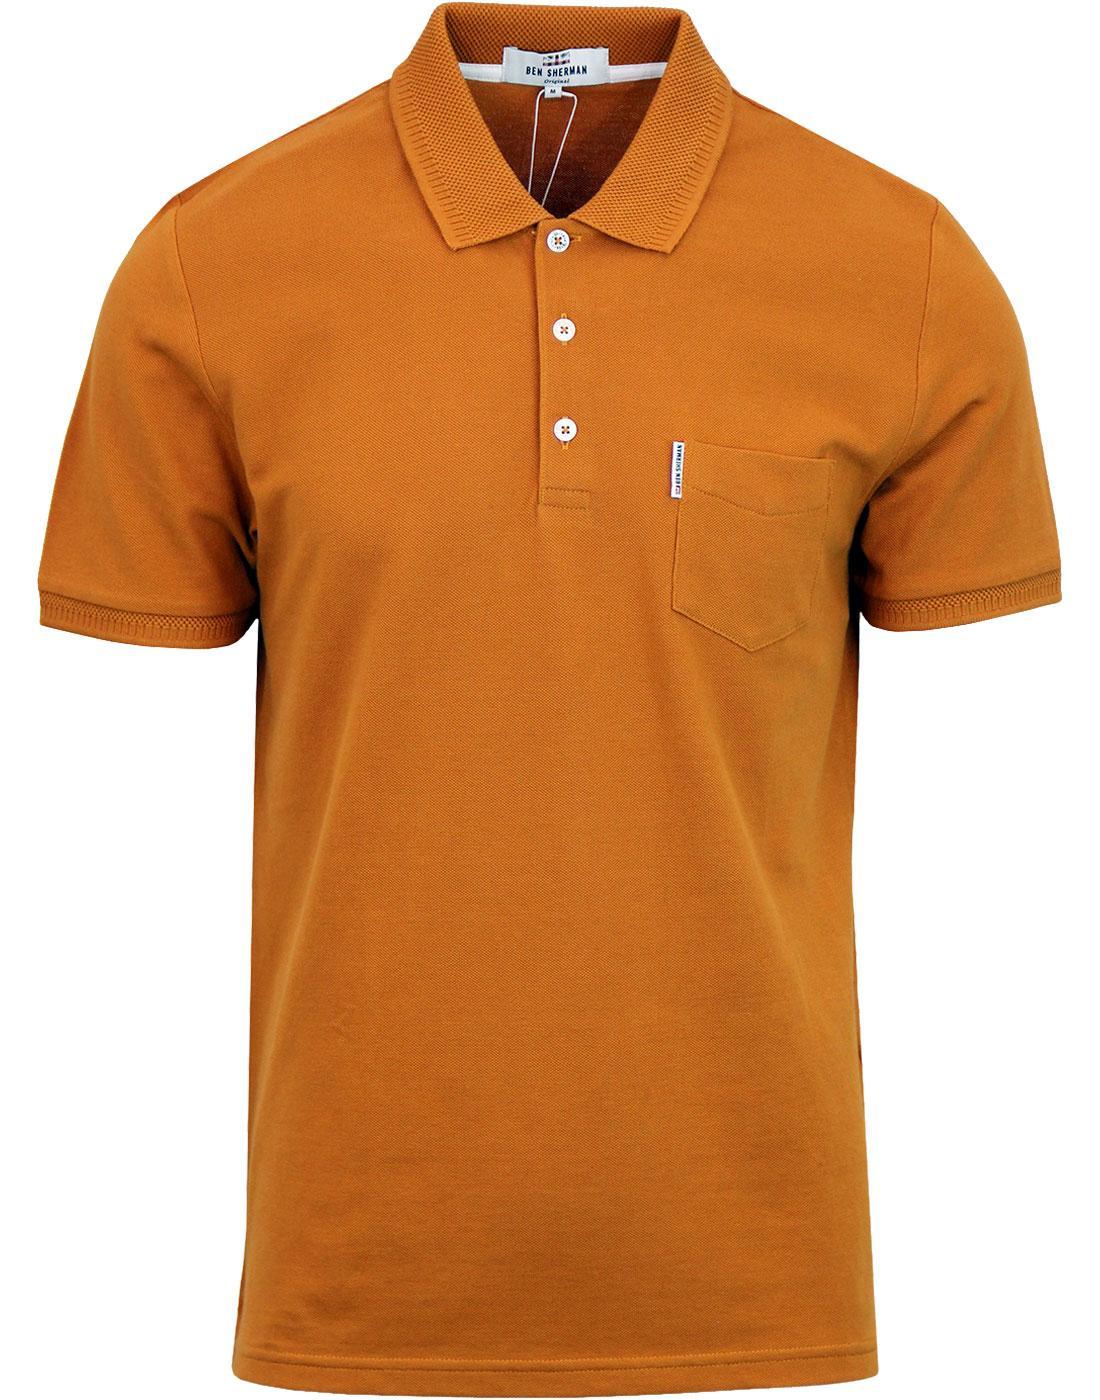 BEN SHERMAN Honeycomb Jacquard Collar Pique Polo M